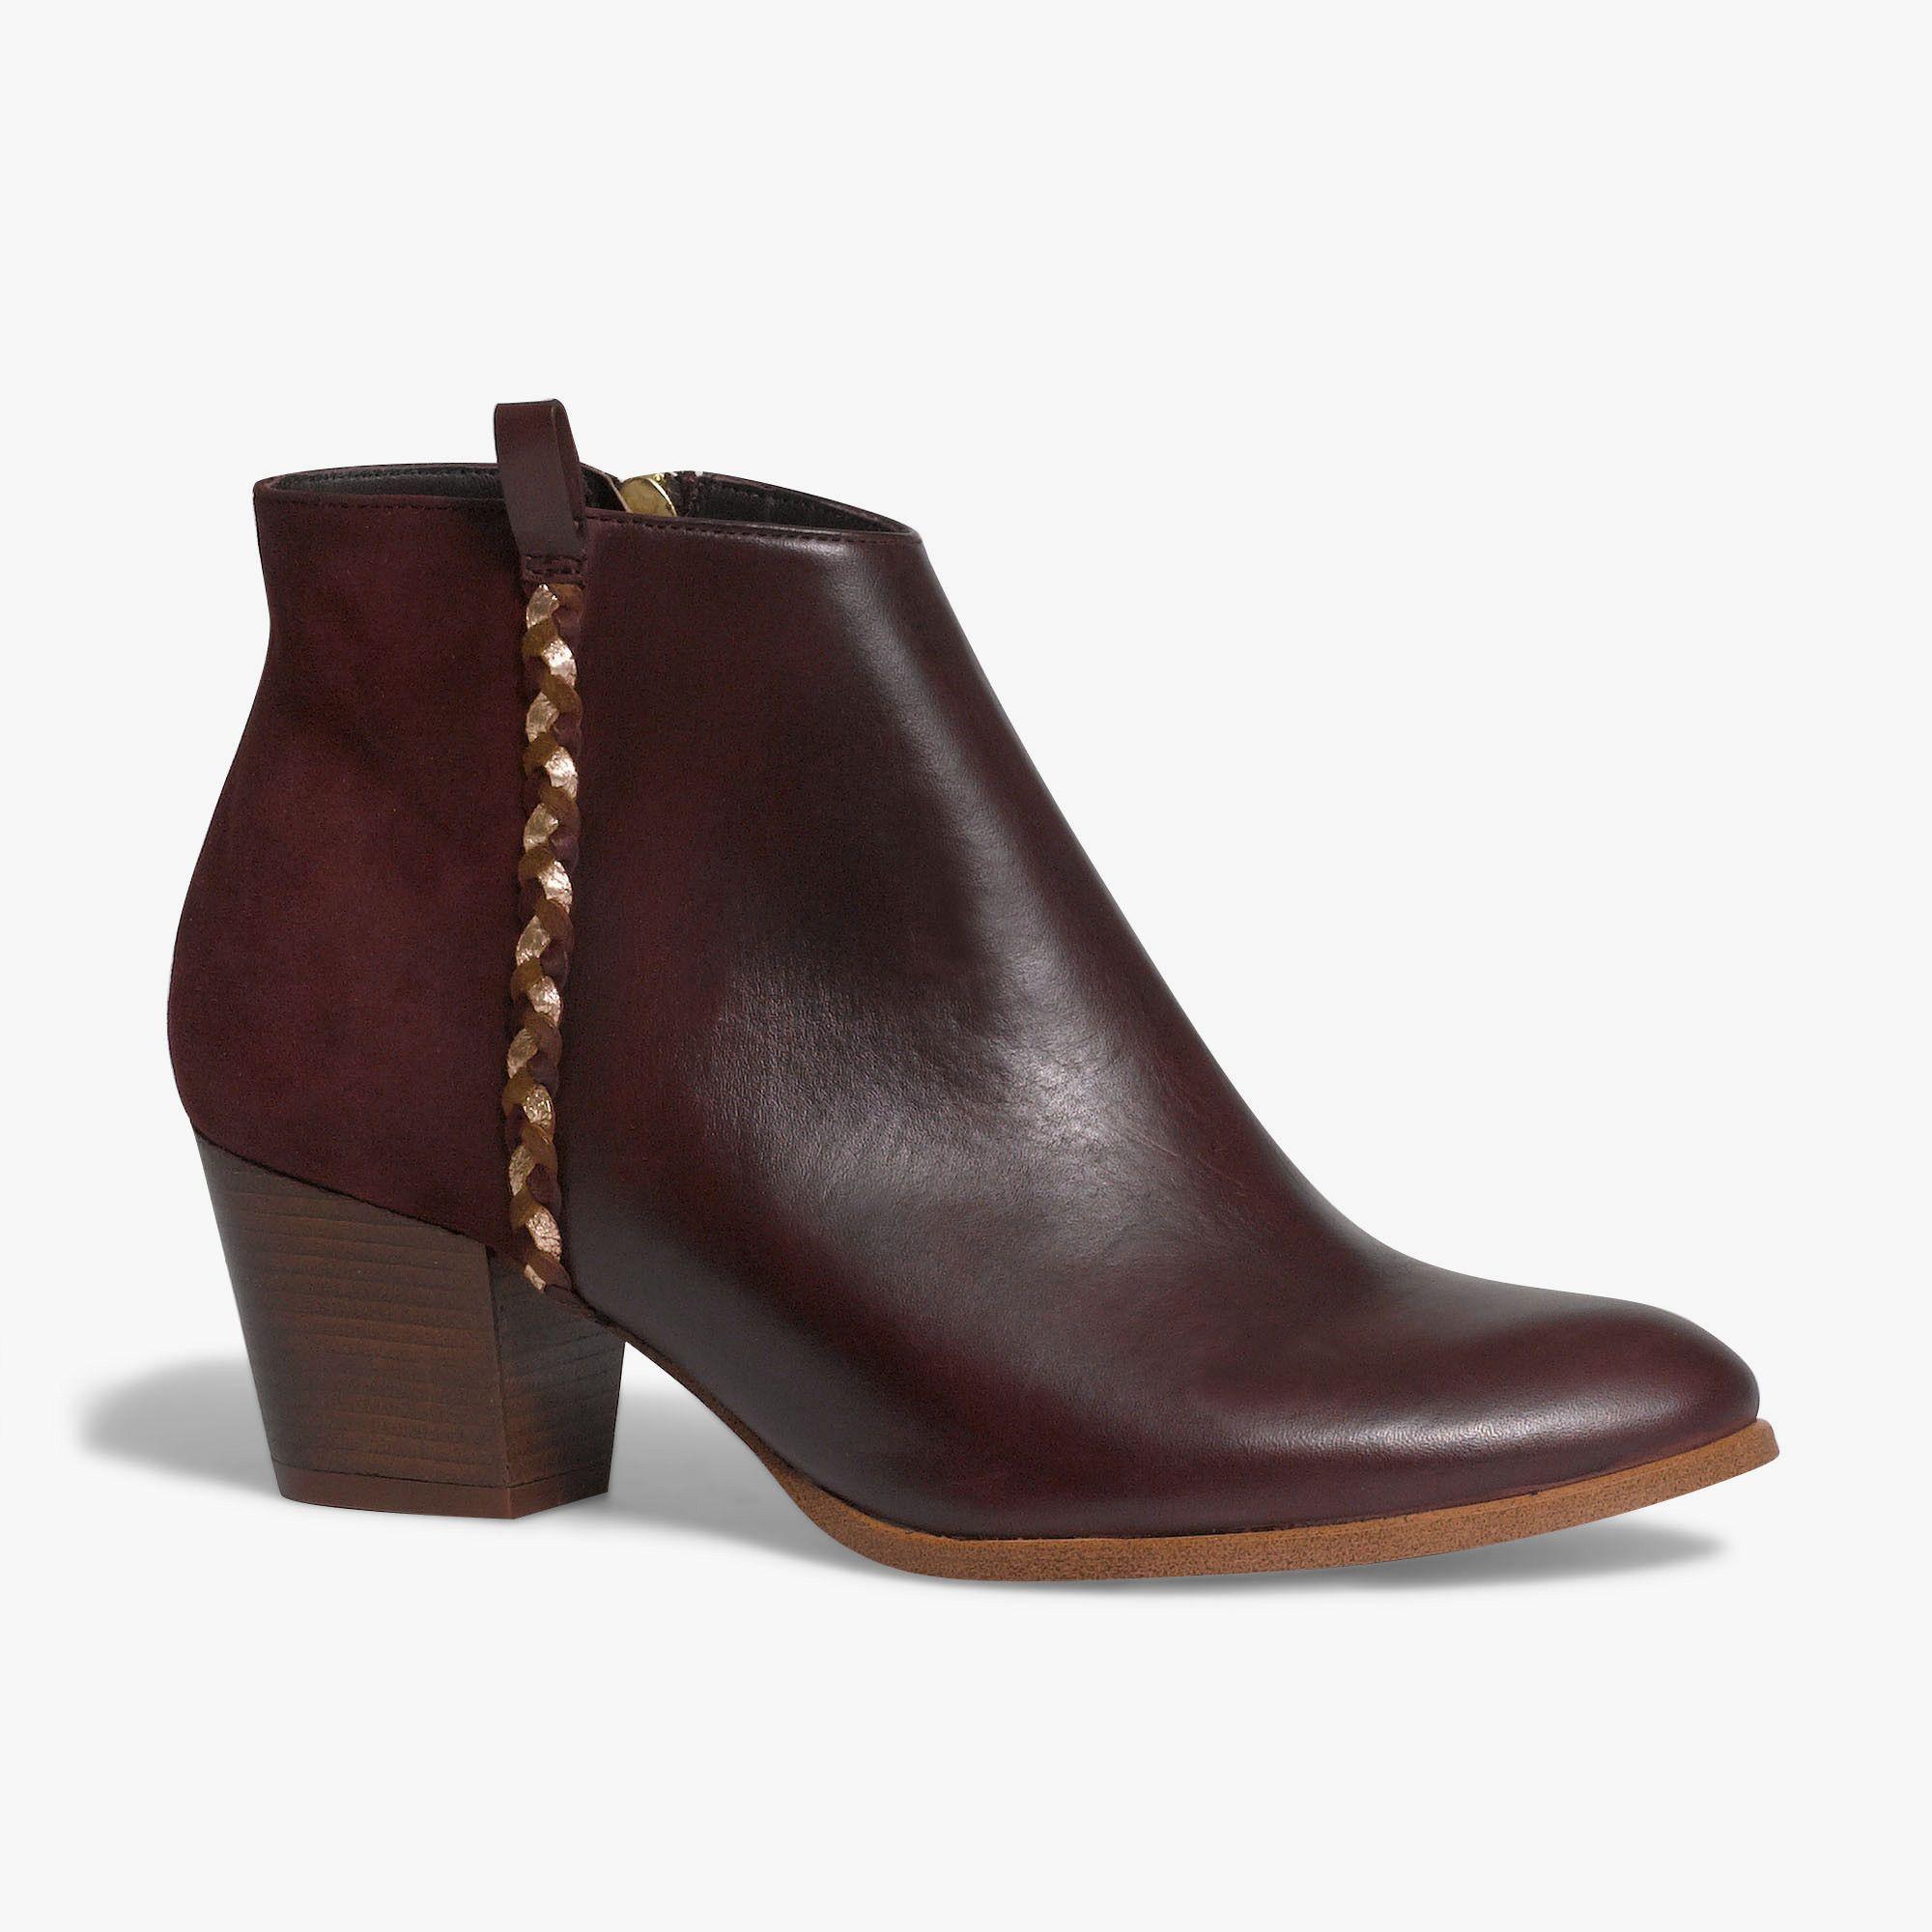 Boots Pompons Cuir Marron Brun Rougi YShBeUe